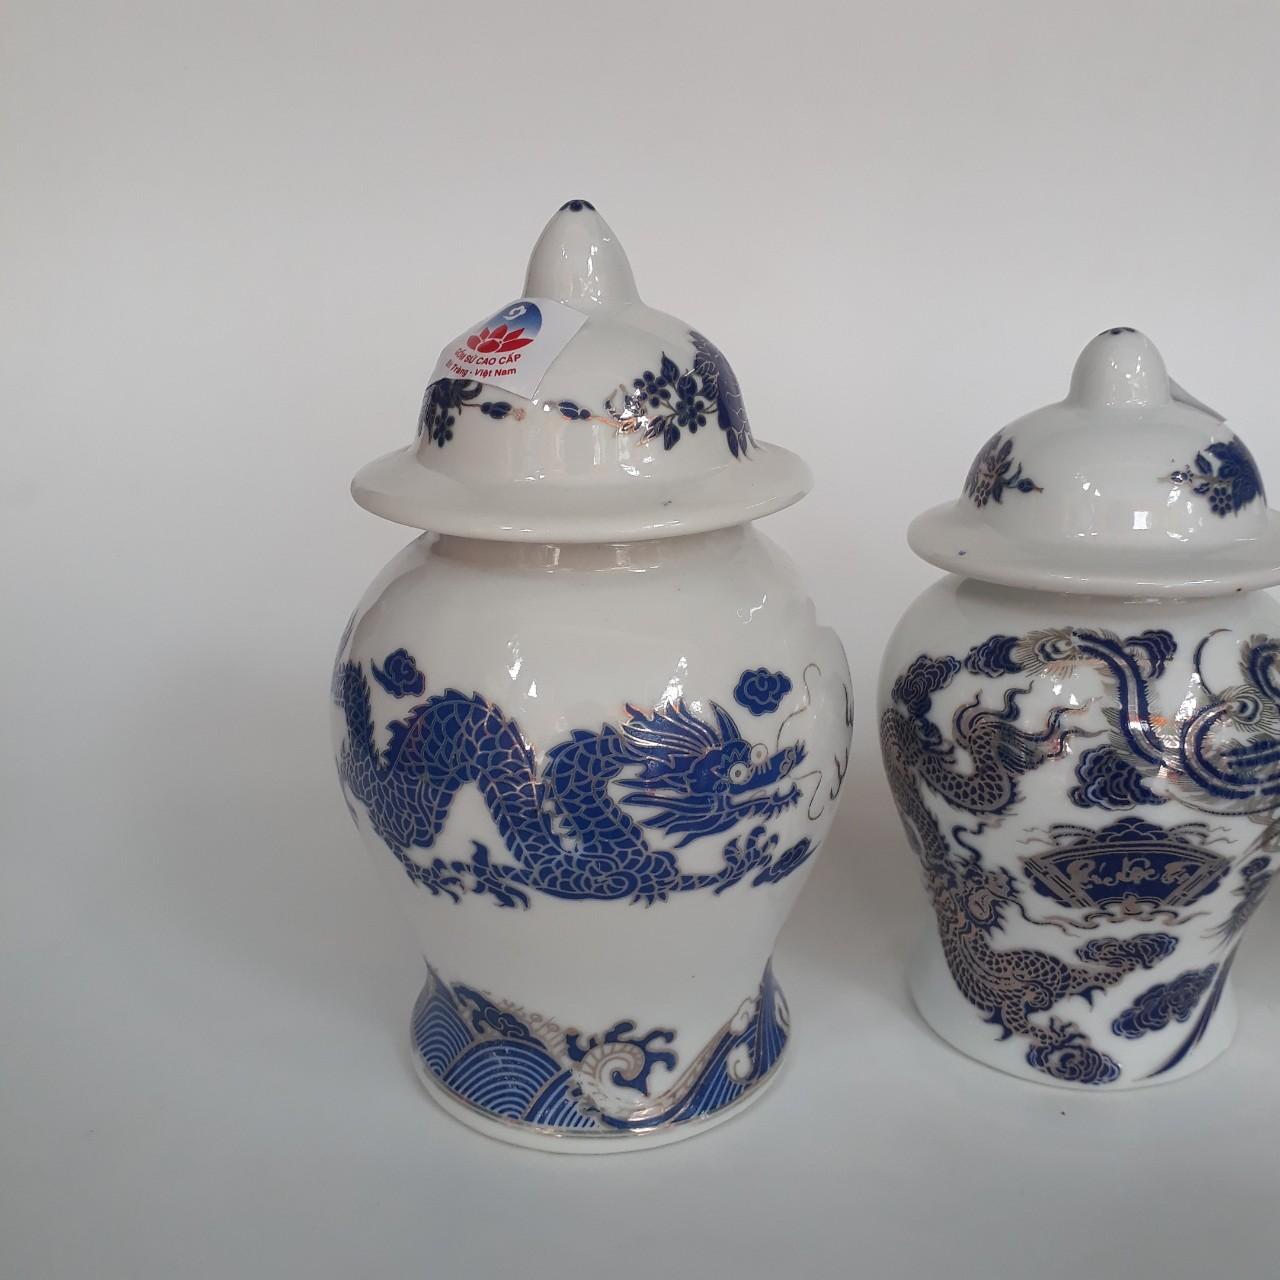 Bộ 2 chóe đồ thờ đựng gạo, muối- hũ đựng muối, gạo dành cho ban thờ thần tài, gia tiên- xanh kim